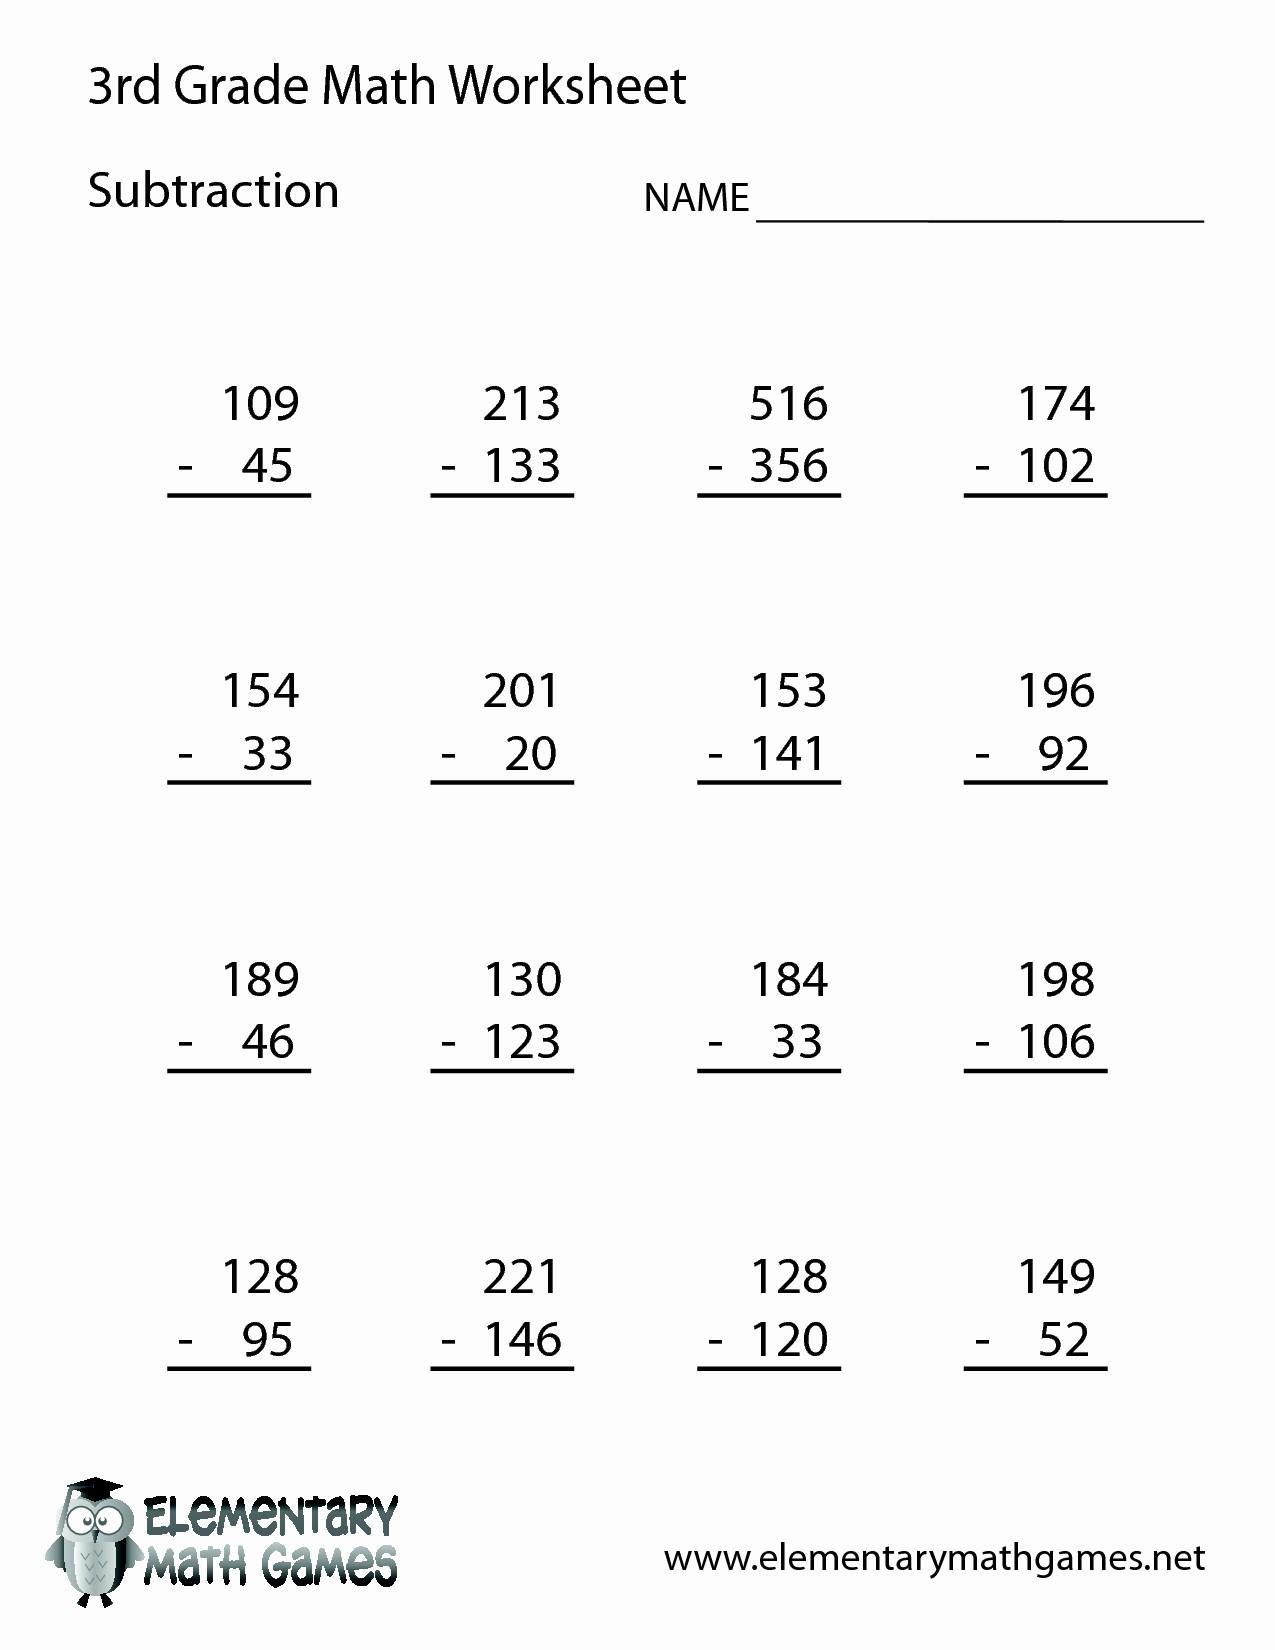 Free Fun Math Worksheets Third Grade Refrence Free Printable - Free Printable Math Worksheets For 3Rd Grade